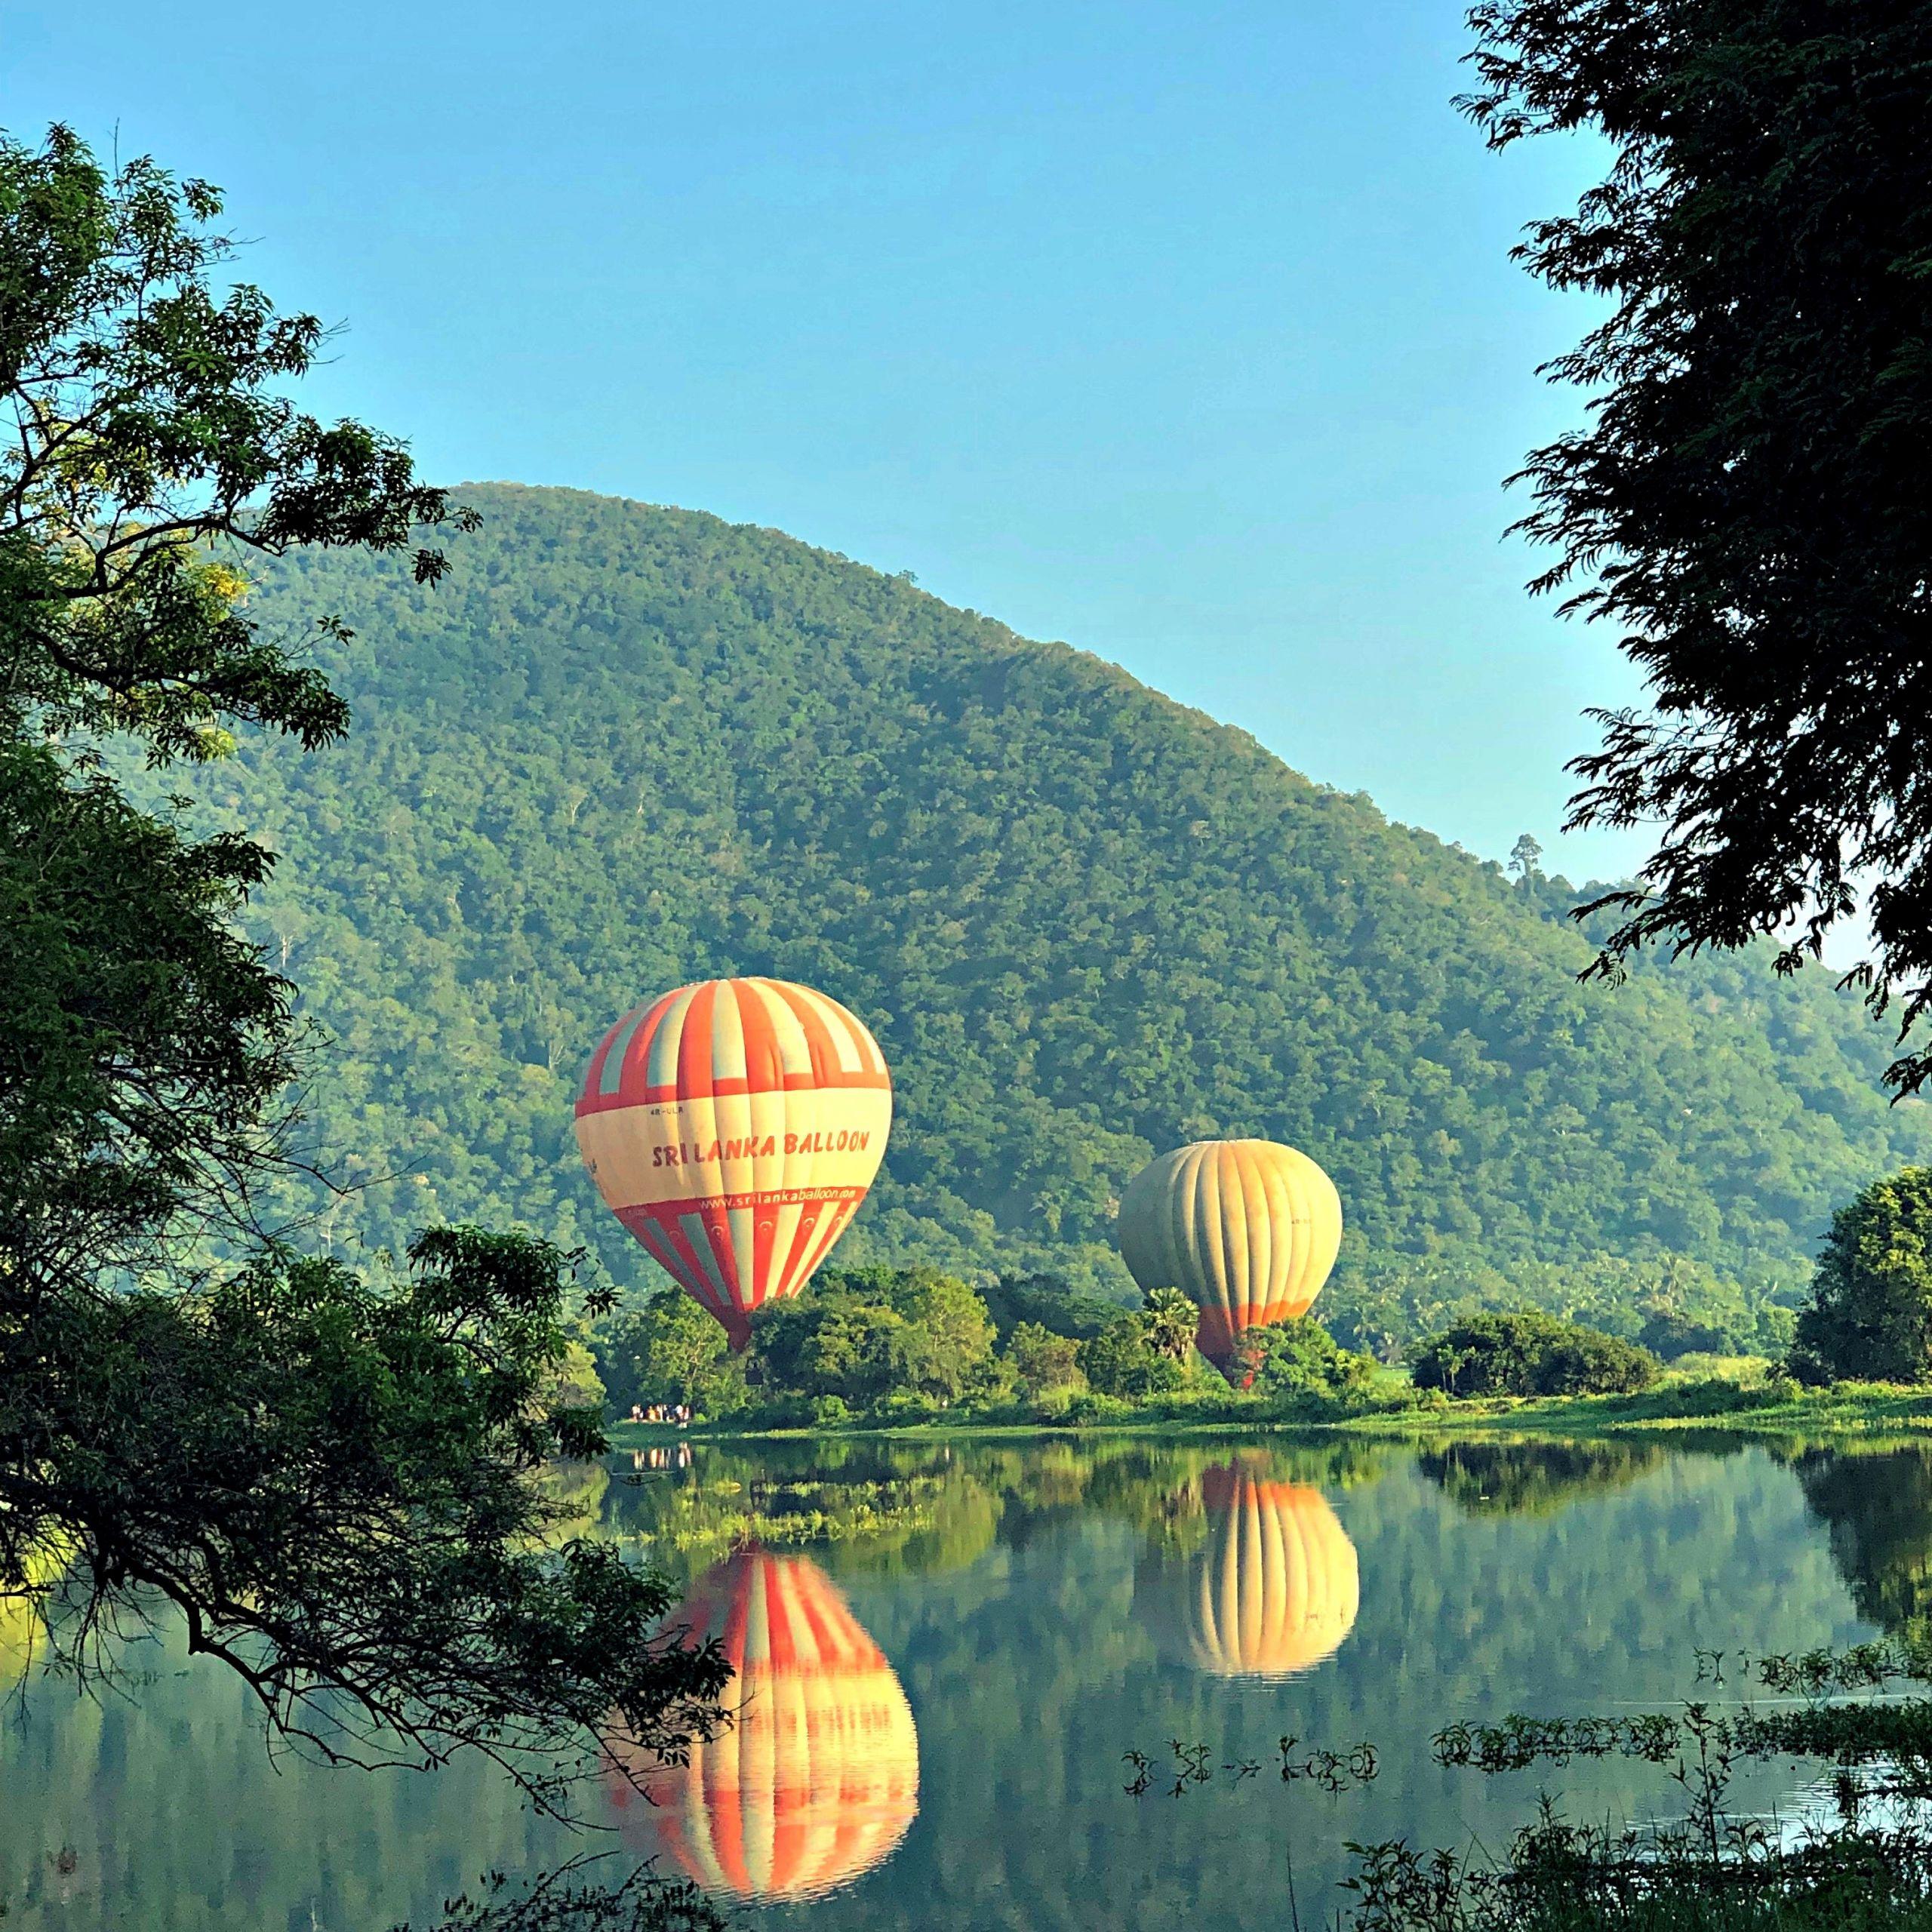 Sri Lanka Balloon Uluer Group Aviation and Ballooning